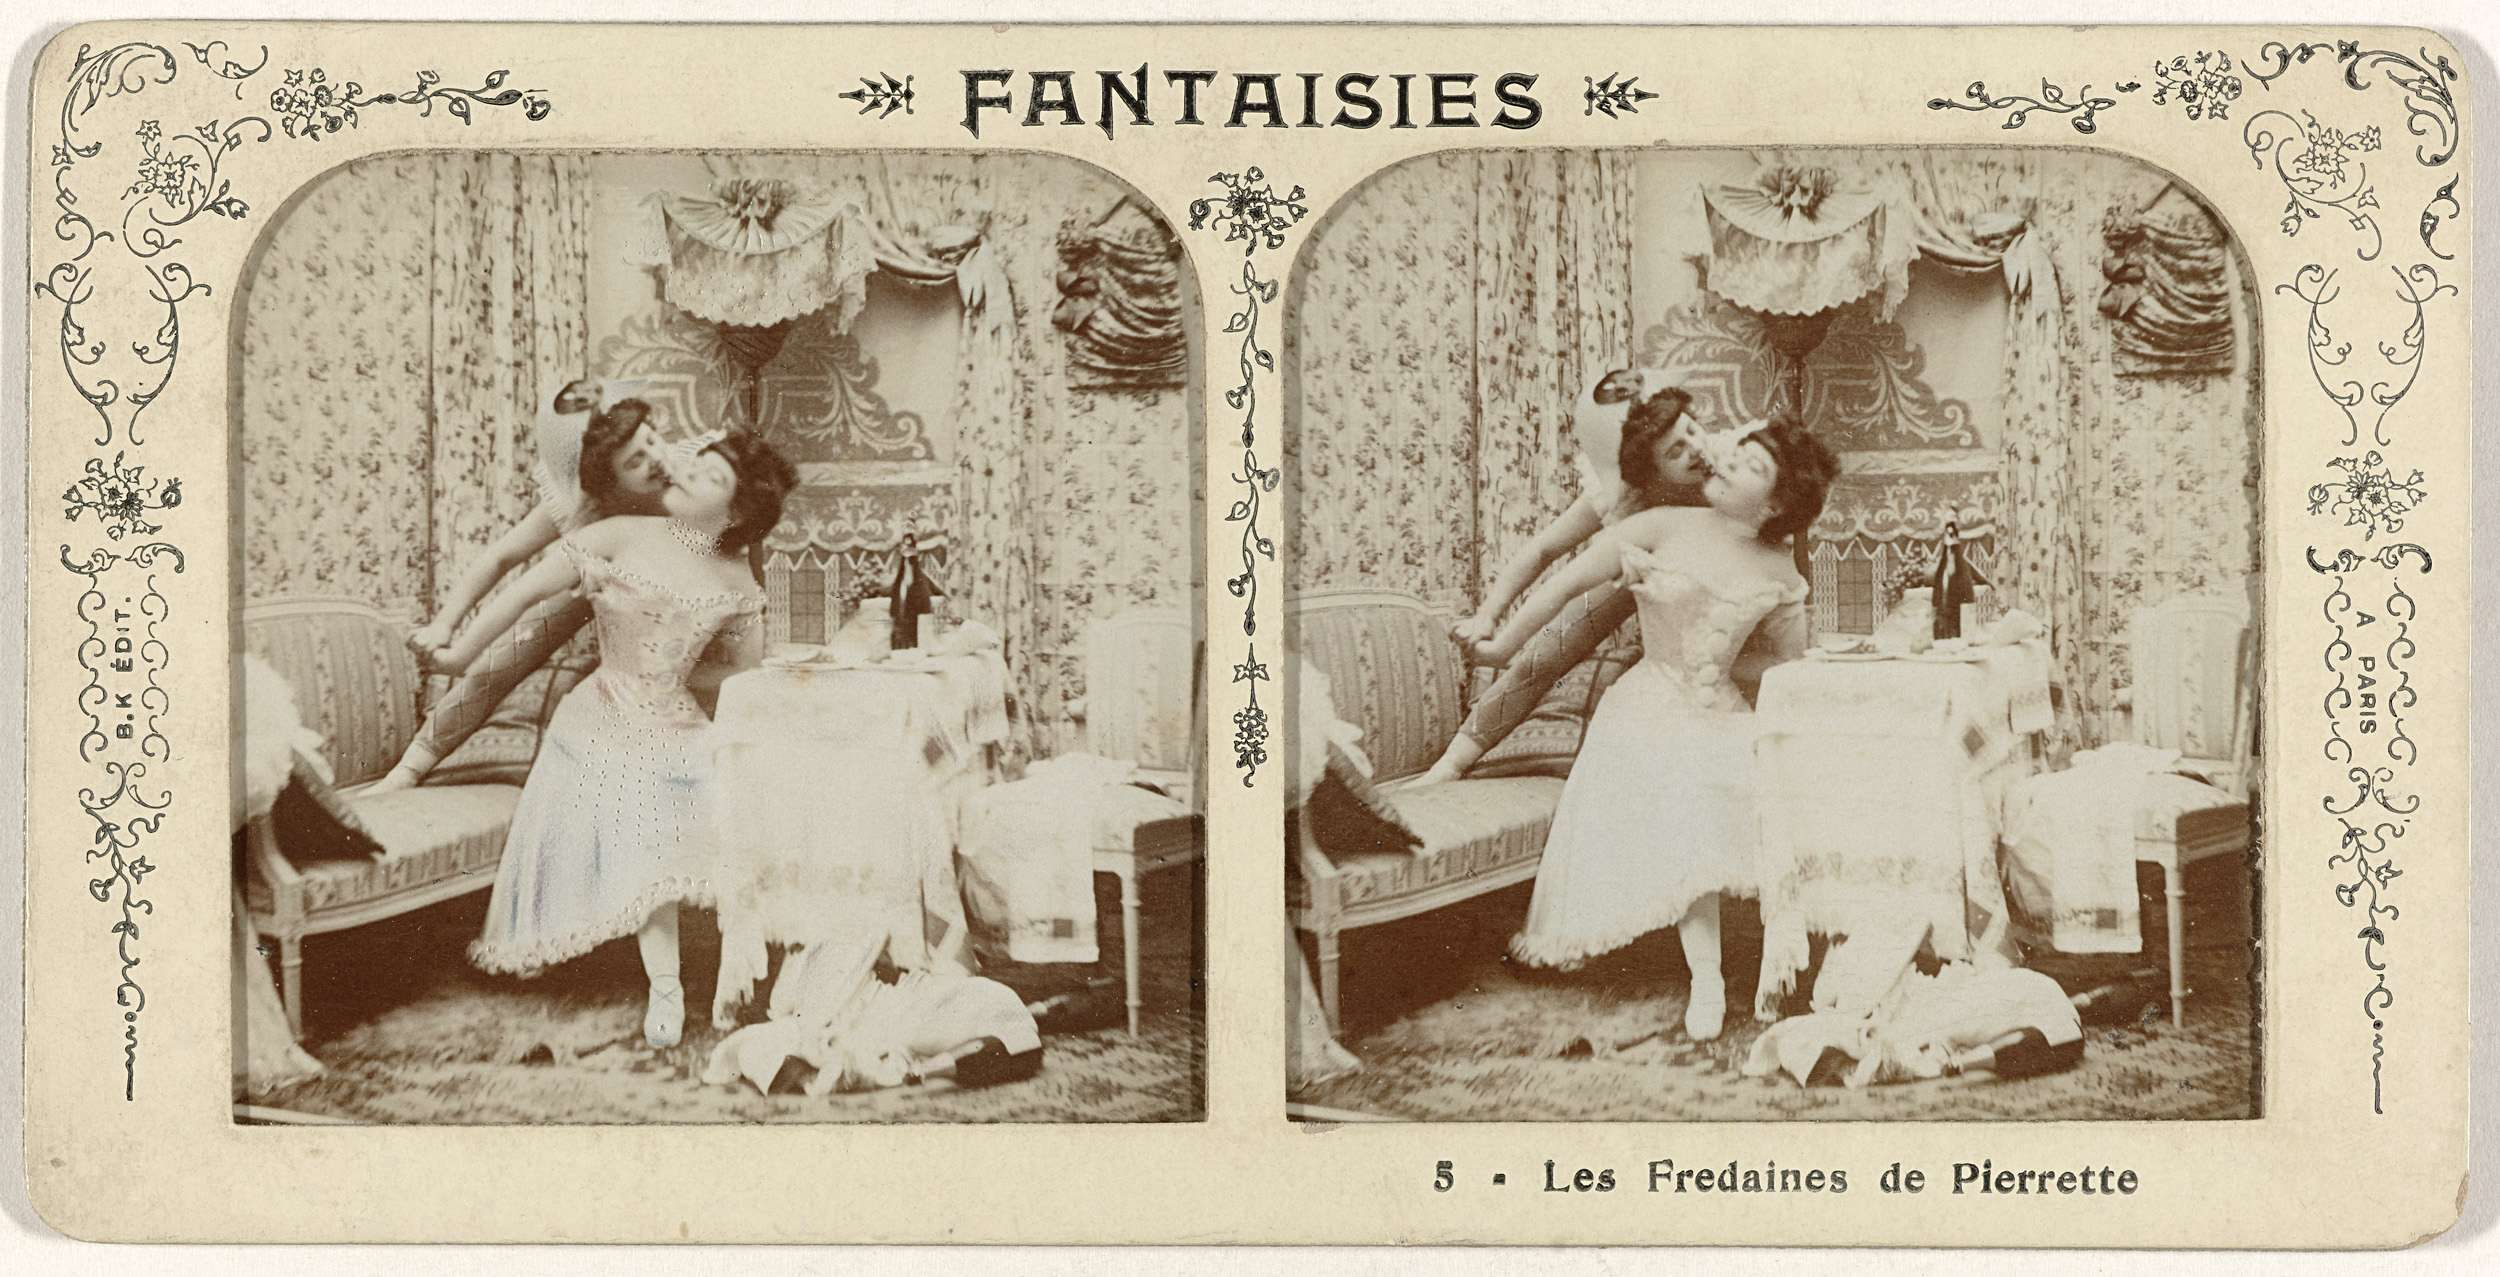 Adolphe Block | Fantaisies Les Fredaines de Pierrette, no. 5, Adolphe Block, 1855 - 1920 |